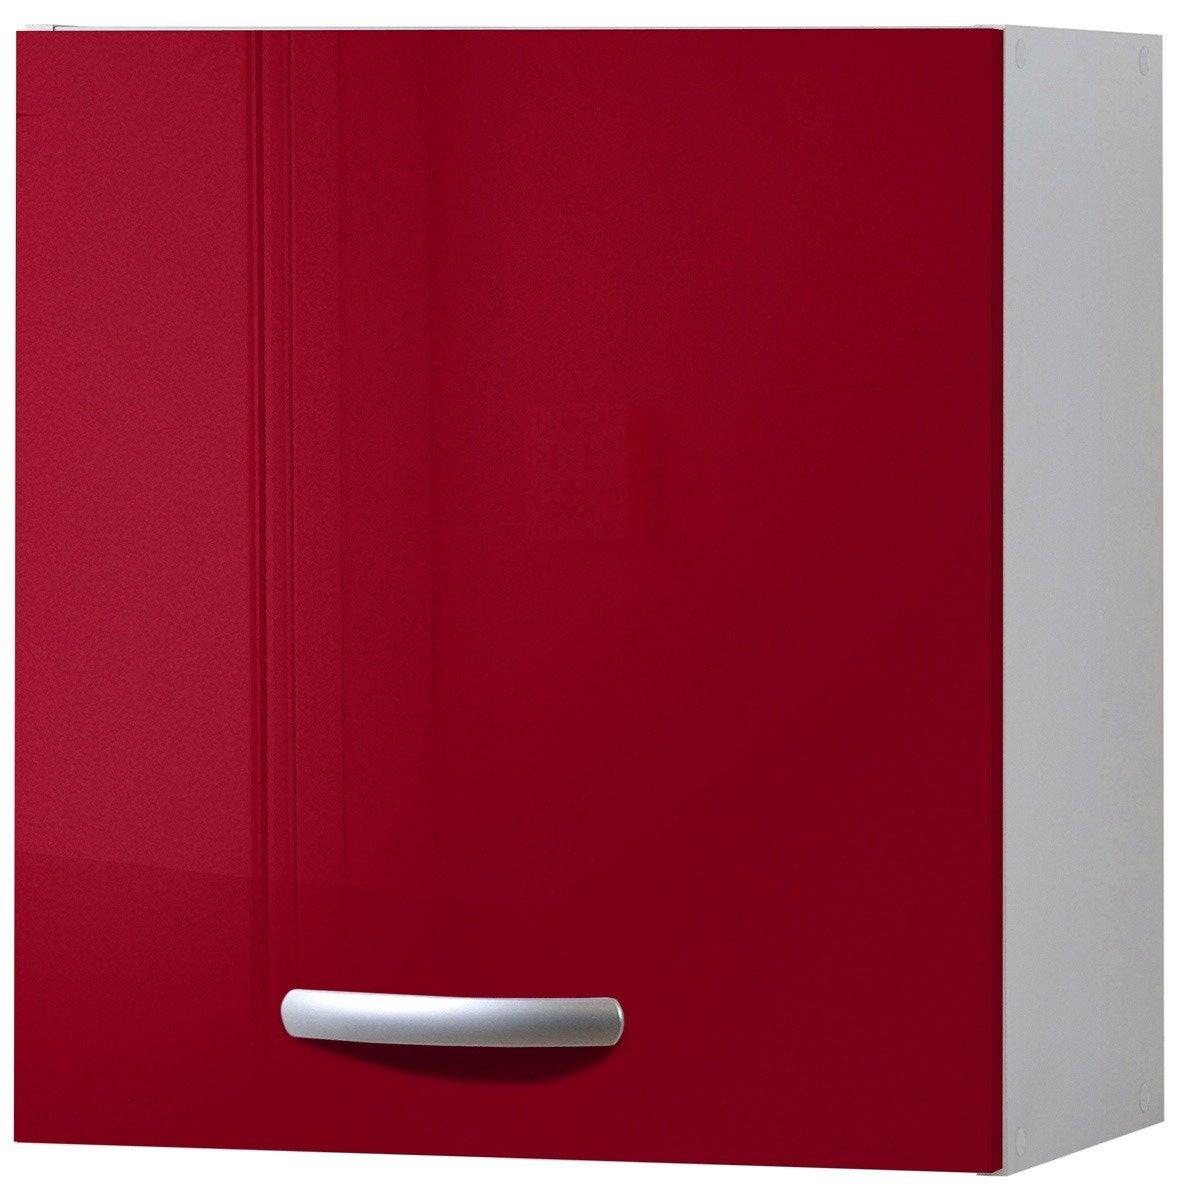 Meuble de cuisine haut 1 porte rouge brillant h57x l60x for Meuble porte rouge